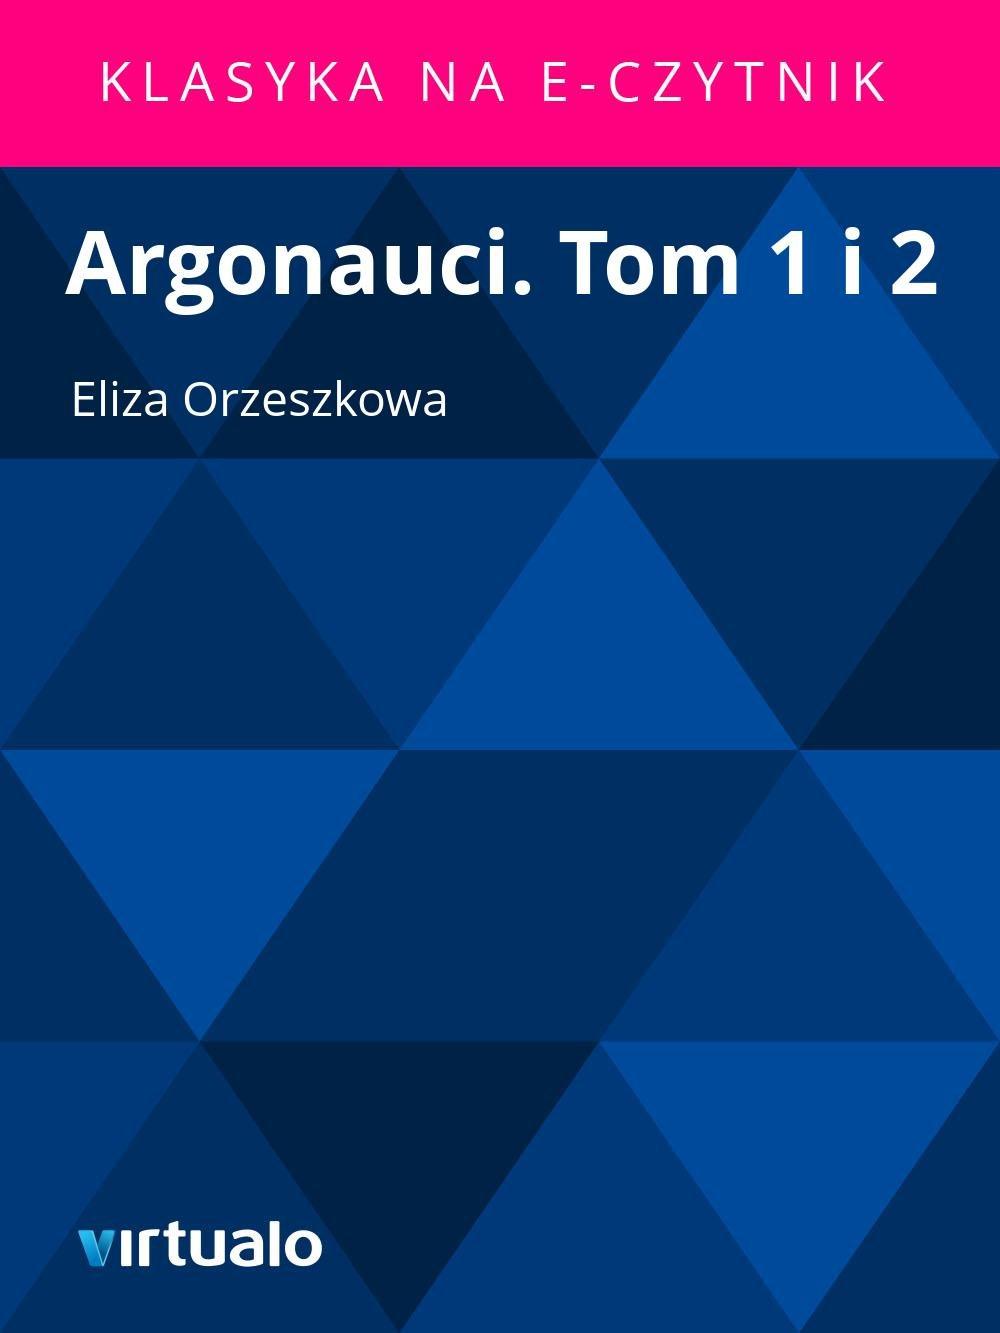 Argonauci. Tom 1 i 2 - Ebook (Książka EPUB) do pobrania w formacie EPUB